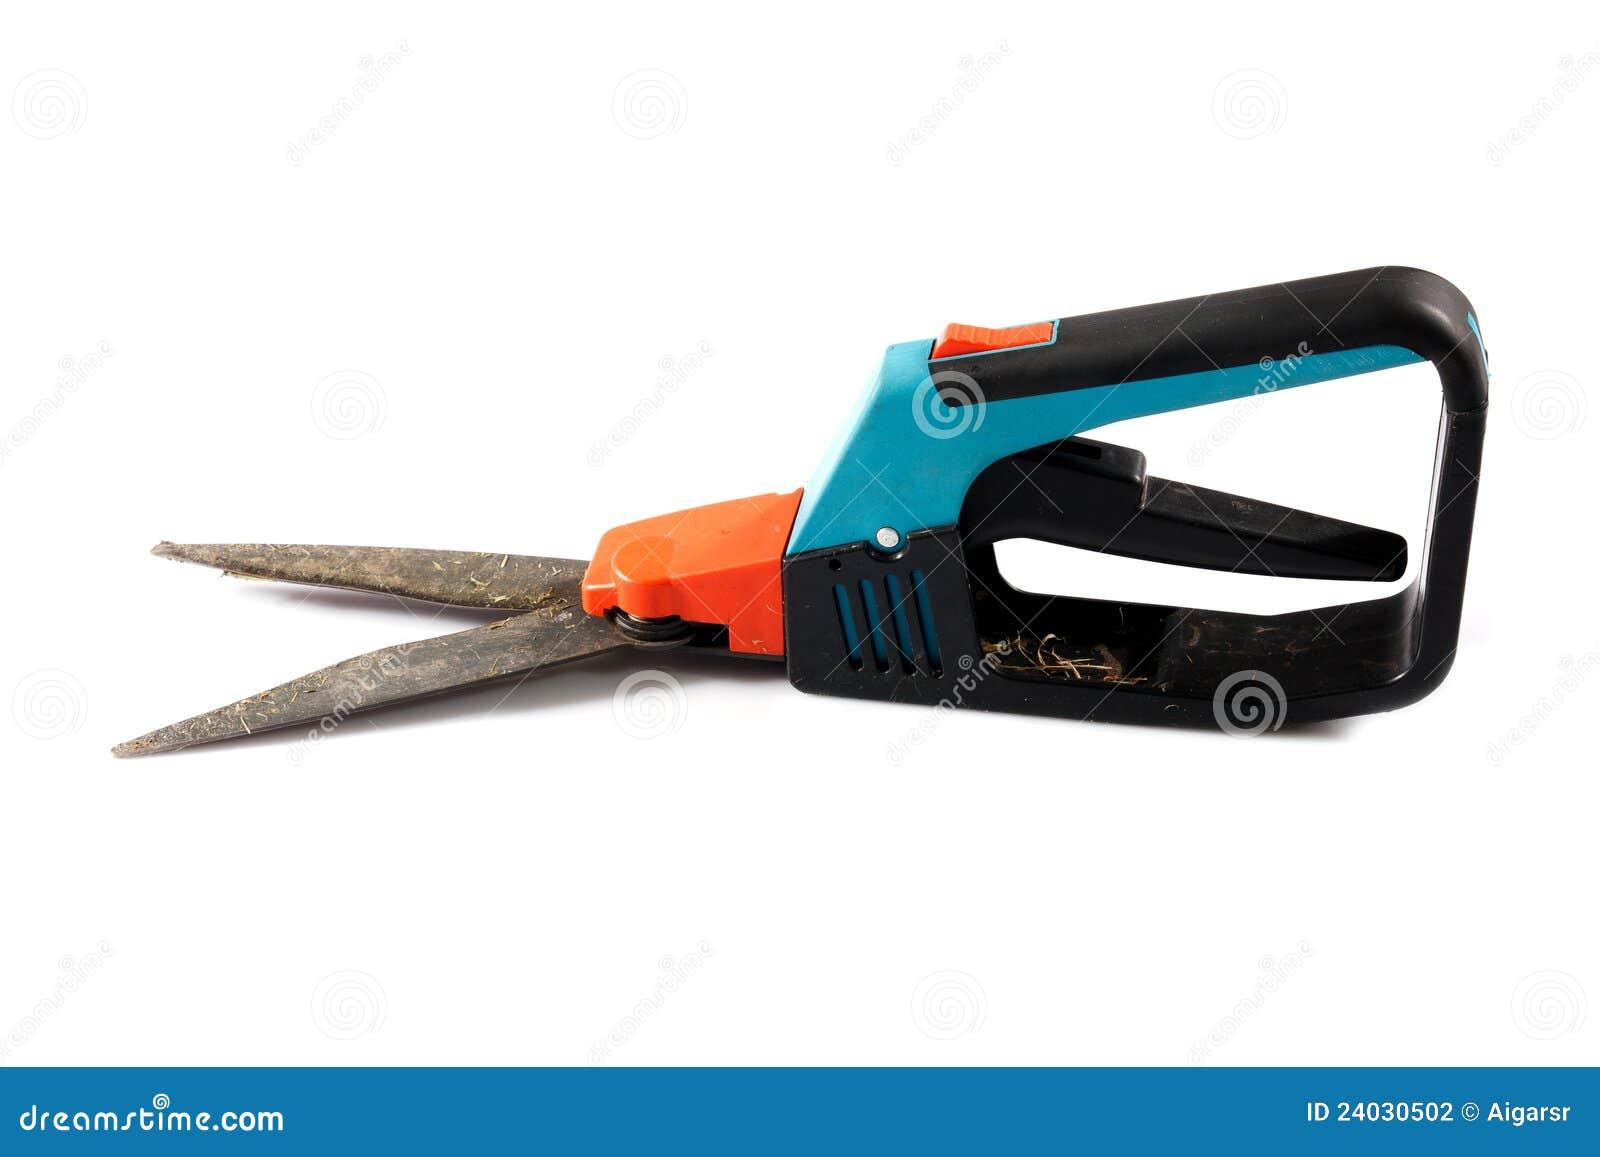 Ciseaux de jardinage photographie stock image 24030502 for Jardinier professionnel